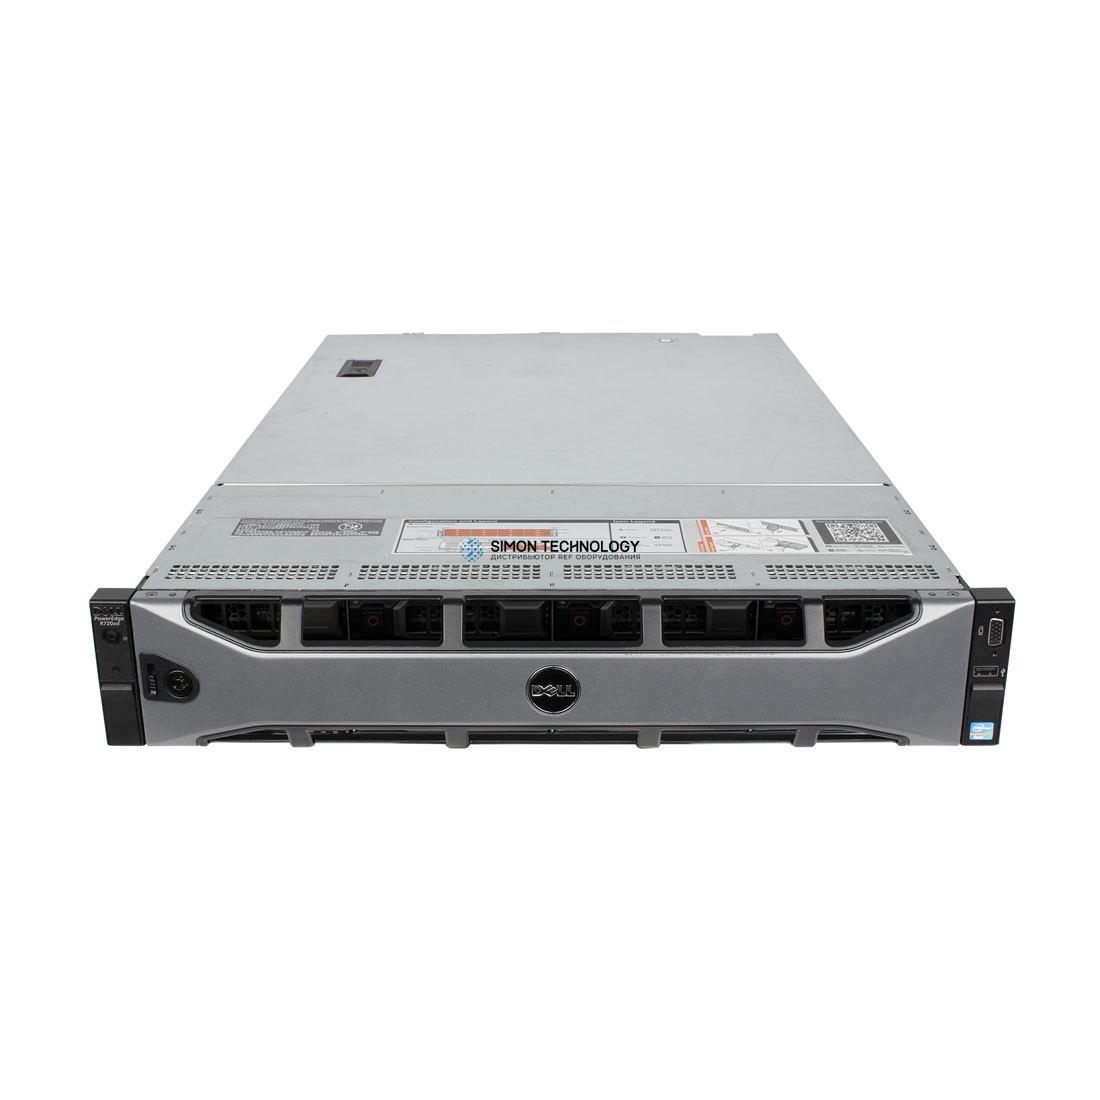 Сервер Dell PER720XDV6 CTO 24*SFF+2*SFF(REAR) PERC H710P MINI 4*FAN (R720XDV6 ENT 24SFF)